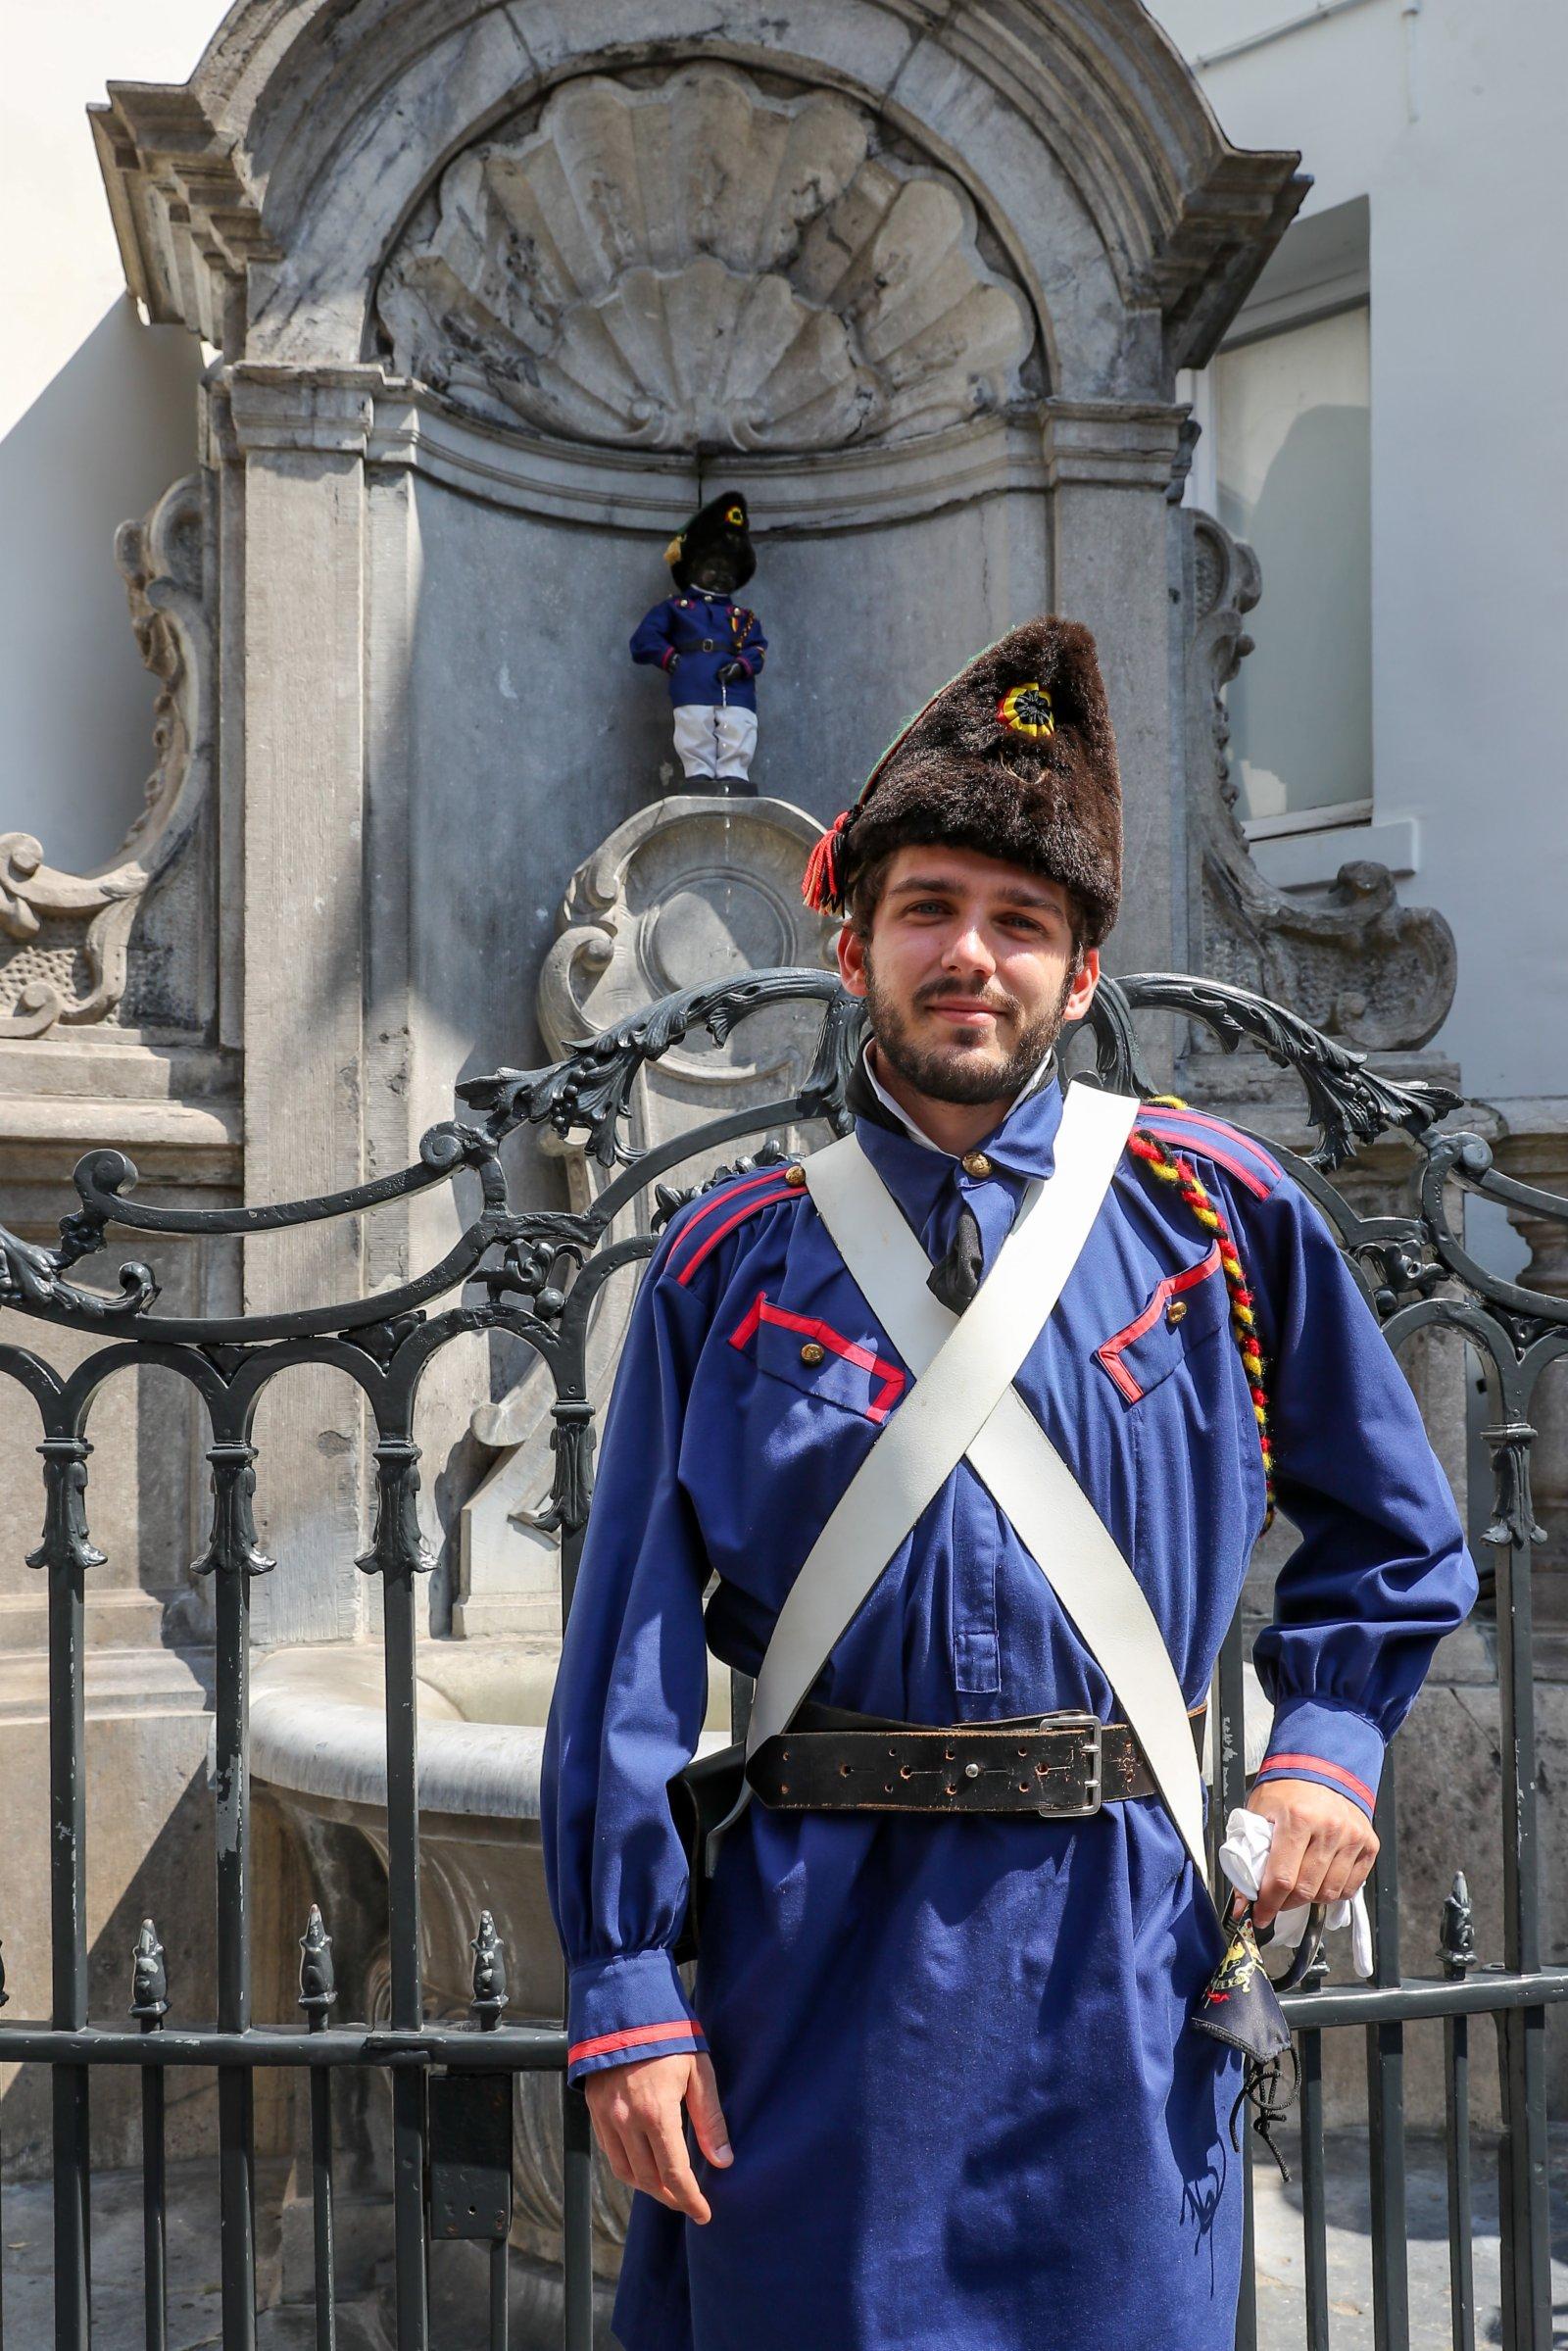 7月21日,一名身穿比利時獨立戰爭志願軍服裝的男子在比利時布魯塞爾與小尿童雕像合影。(新華社)